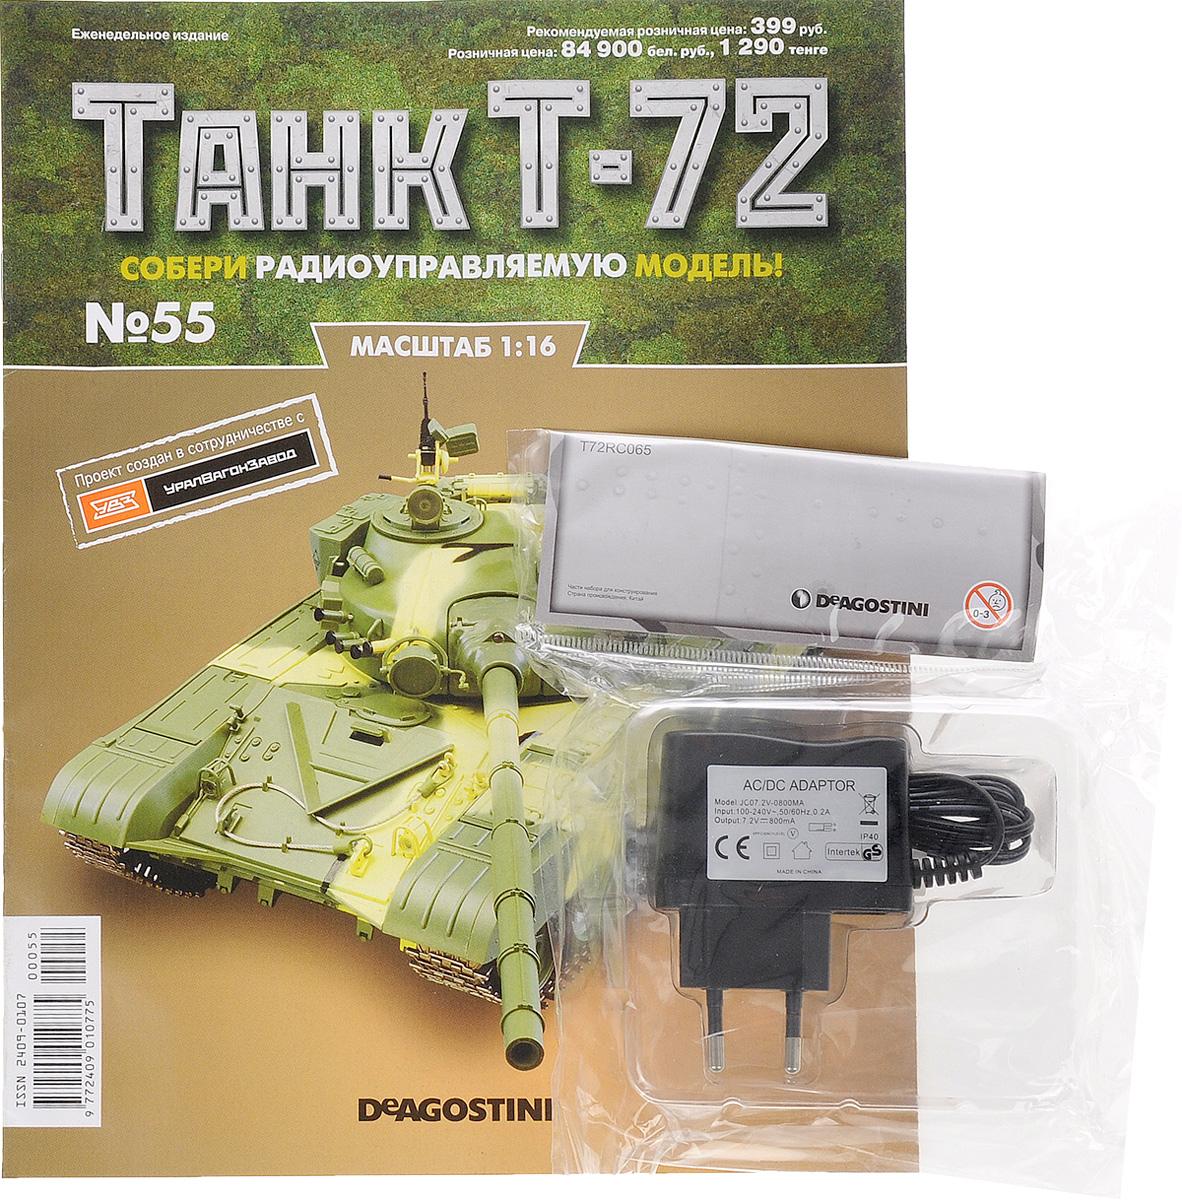 Журнал Танк Т-72 №55TRC055Перед вами - журнал из уникальной серии партворков Танк Т-72 с увлекательной информацией о легендарных боевых машинах и элементами для сборки копии танка Т-72 в уменьшенном варианте 1:16. У вас есть возможность собственноручно создать высококачественную модель этого знаменитого танка с достоверным воспроизведением всех элементов, сохранением функций подлинной боевой машины и дистанционным управлением. В комплекте: 1. Зарядное устройство Категория 16+.